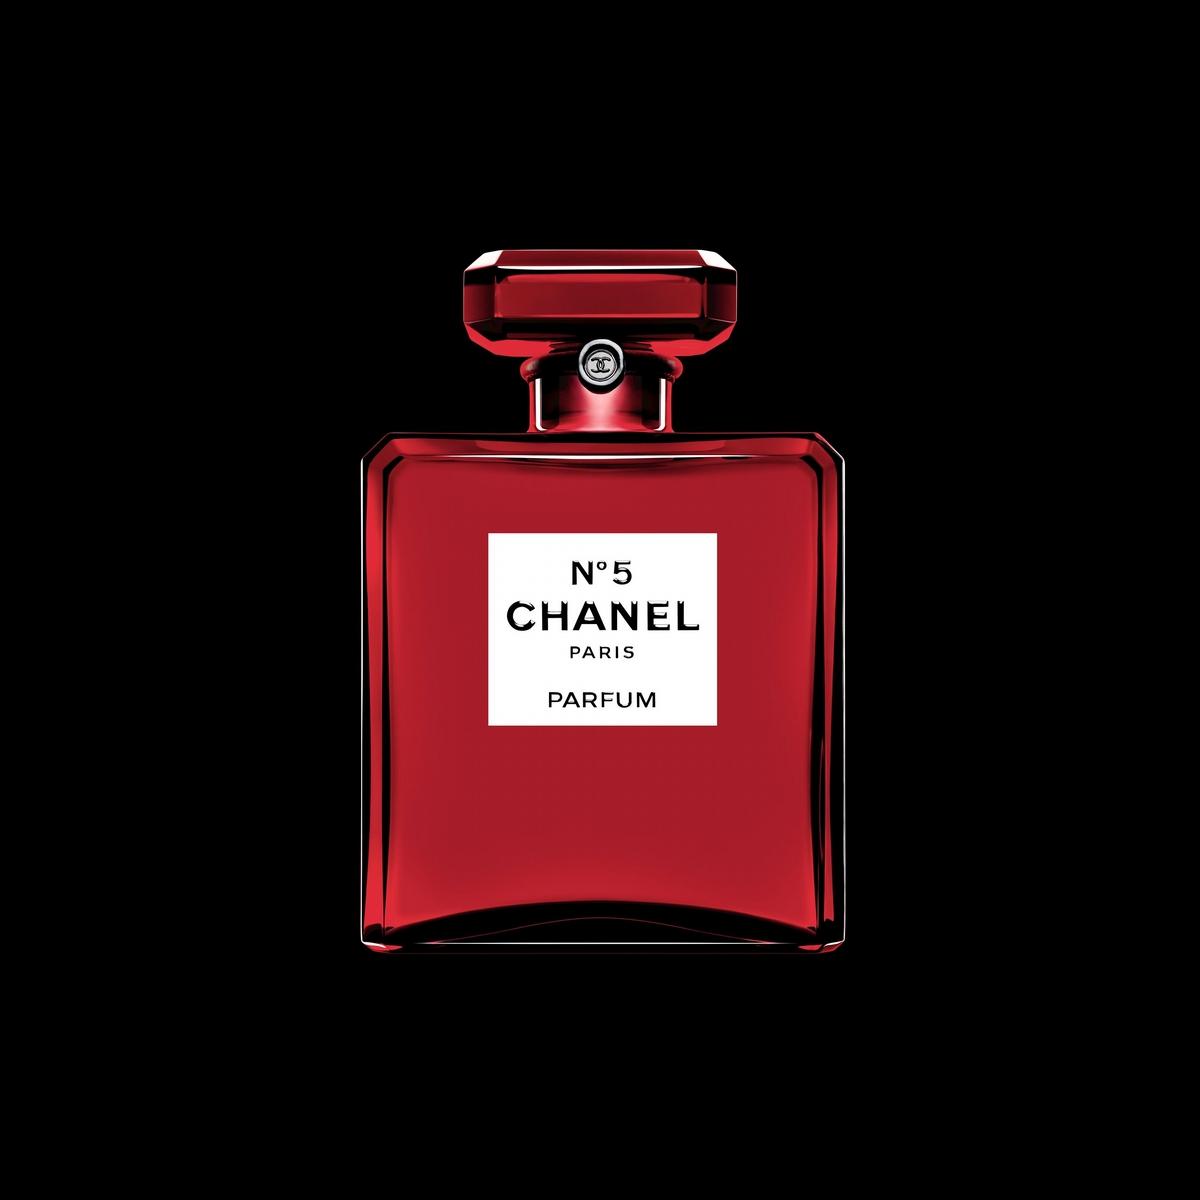 穿上紅色新衣的香奈兒N°5,時髦又大膽,是絕對要收的一瓶完美女人香